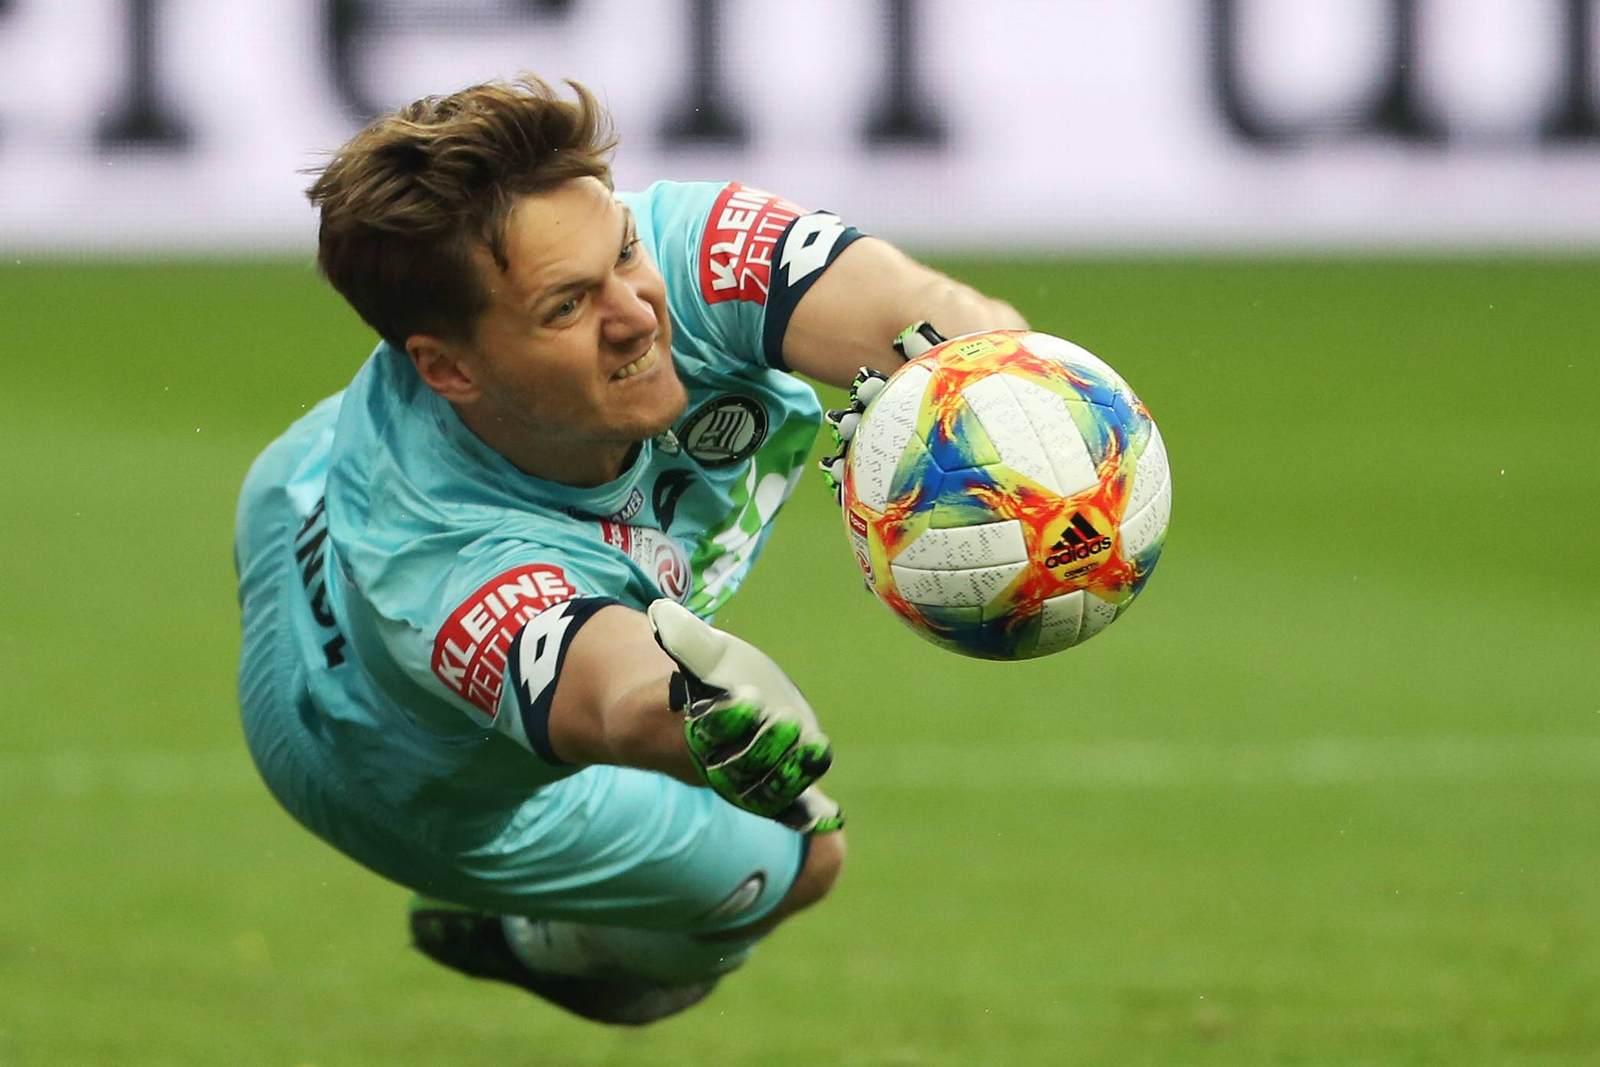 Jörg Siebenhandl hechtet nach dem Ball im Trikot von Sturm Graz